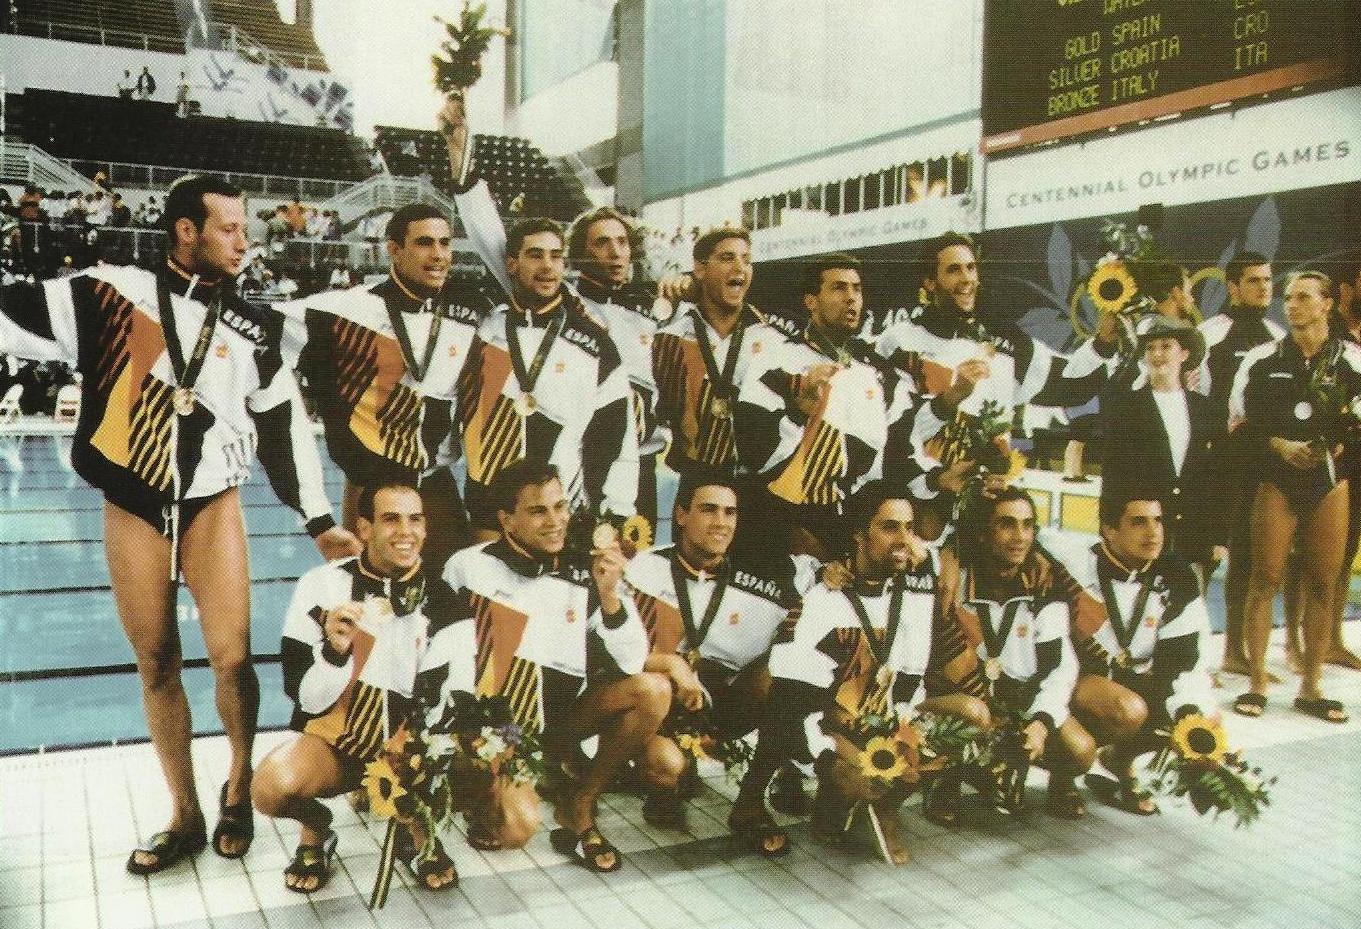 Equipo Español De Waterpolo Atlanta 1996